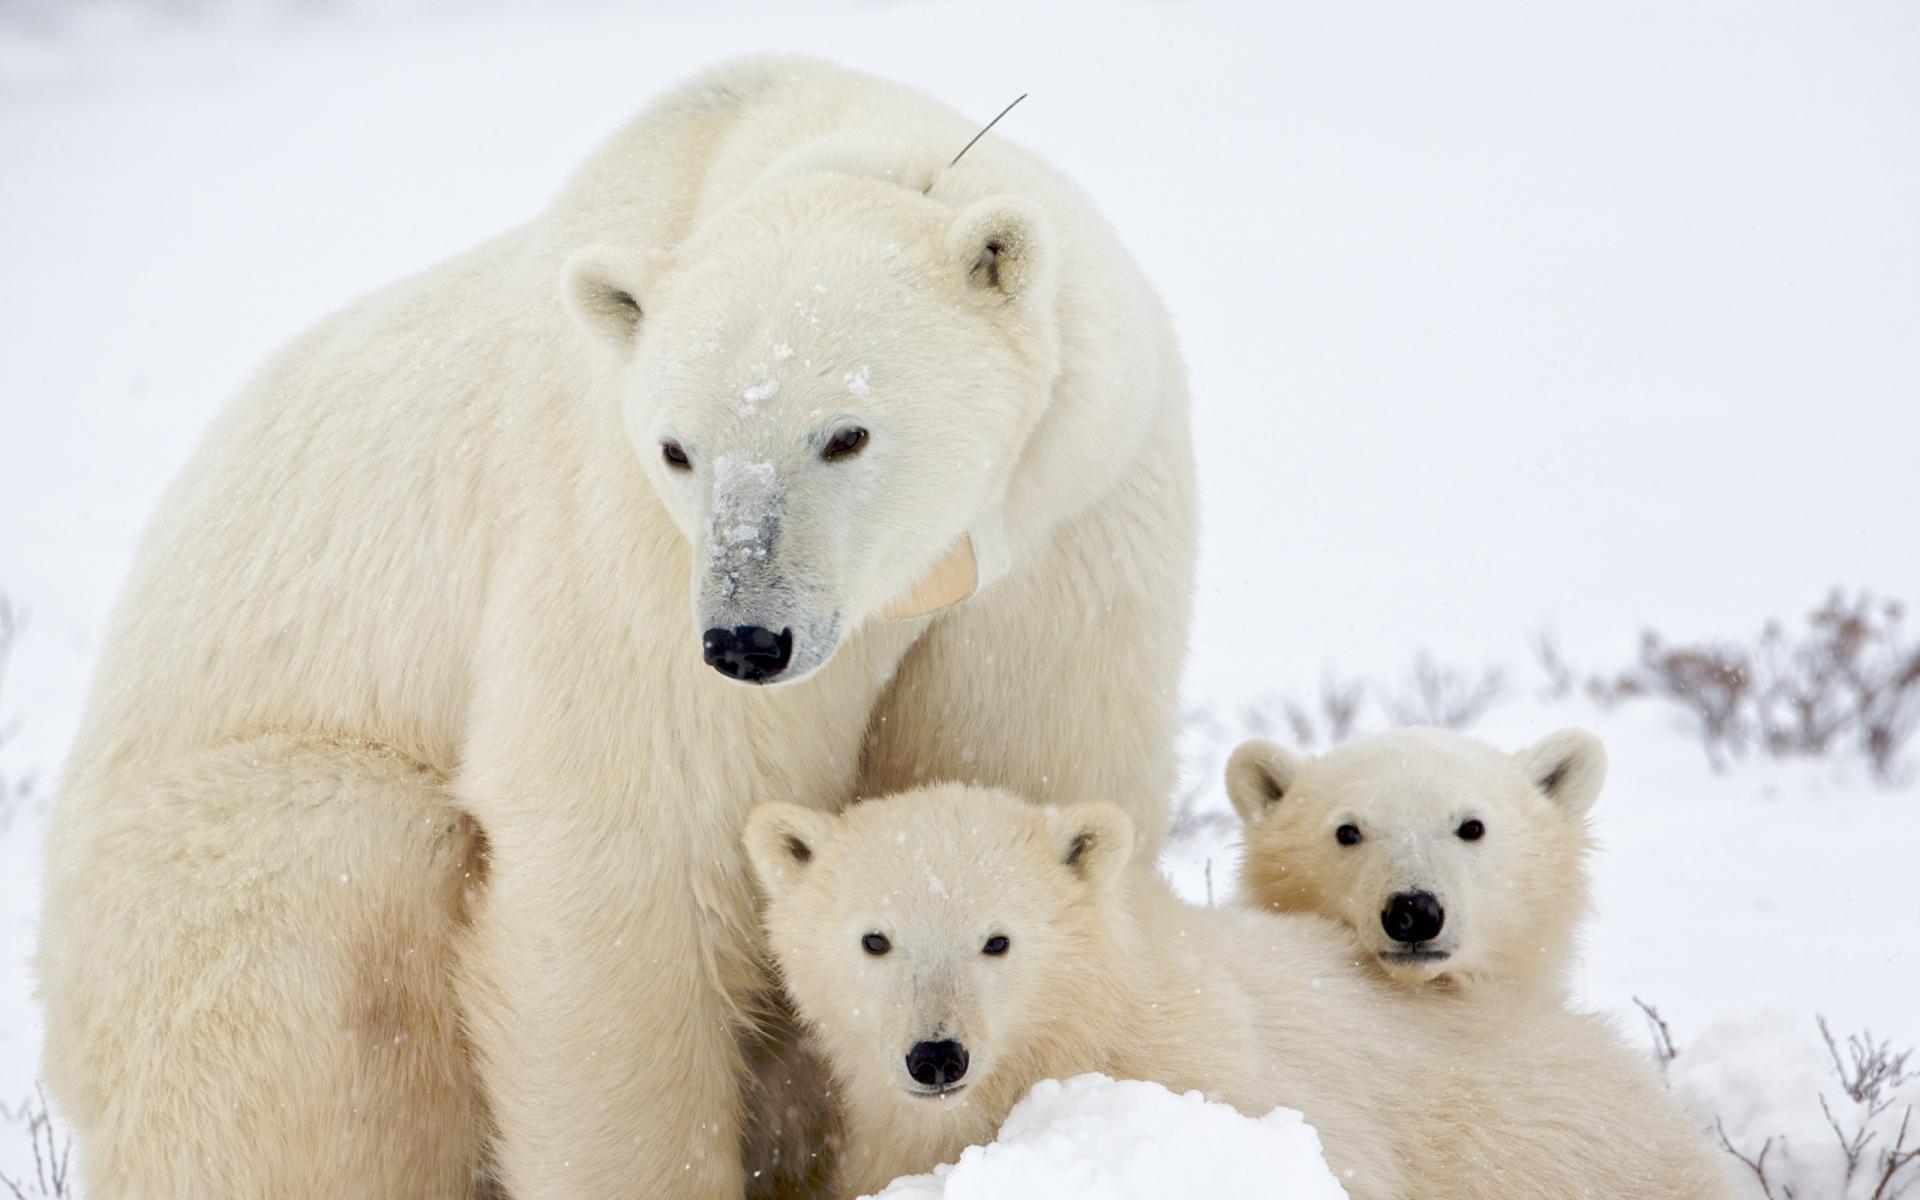 Белая медведица и медвежата, скачать фото, обои для рабочего стола